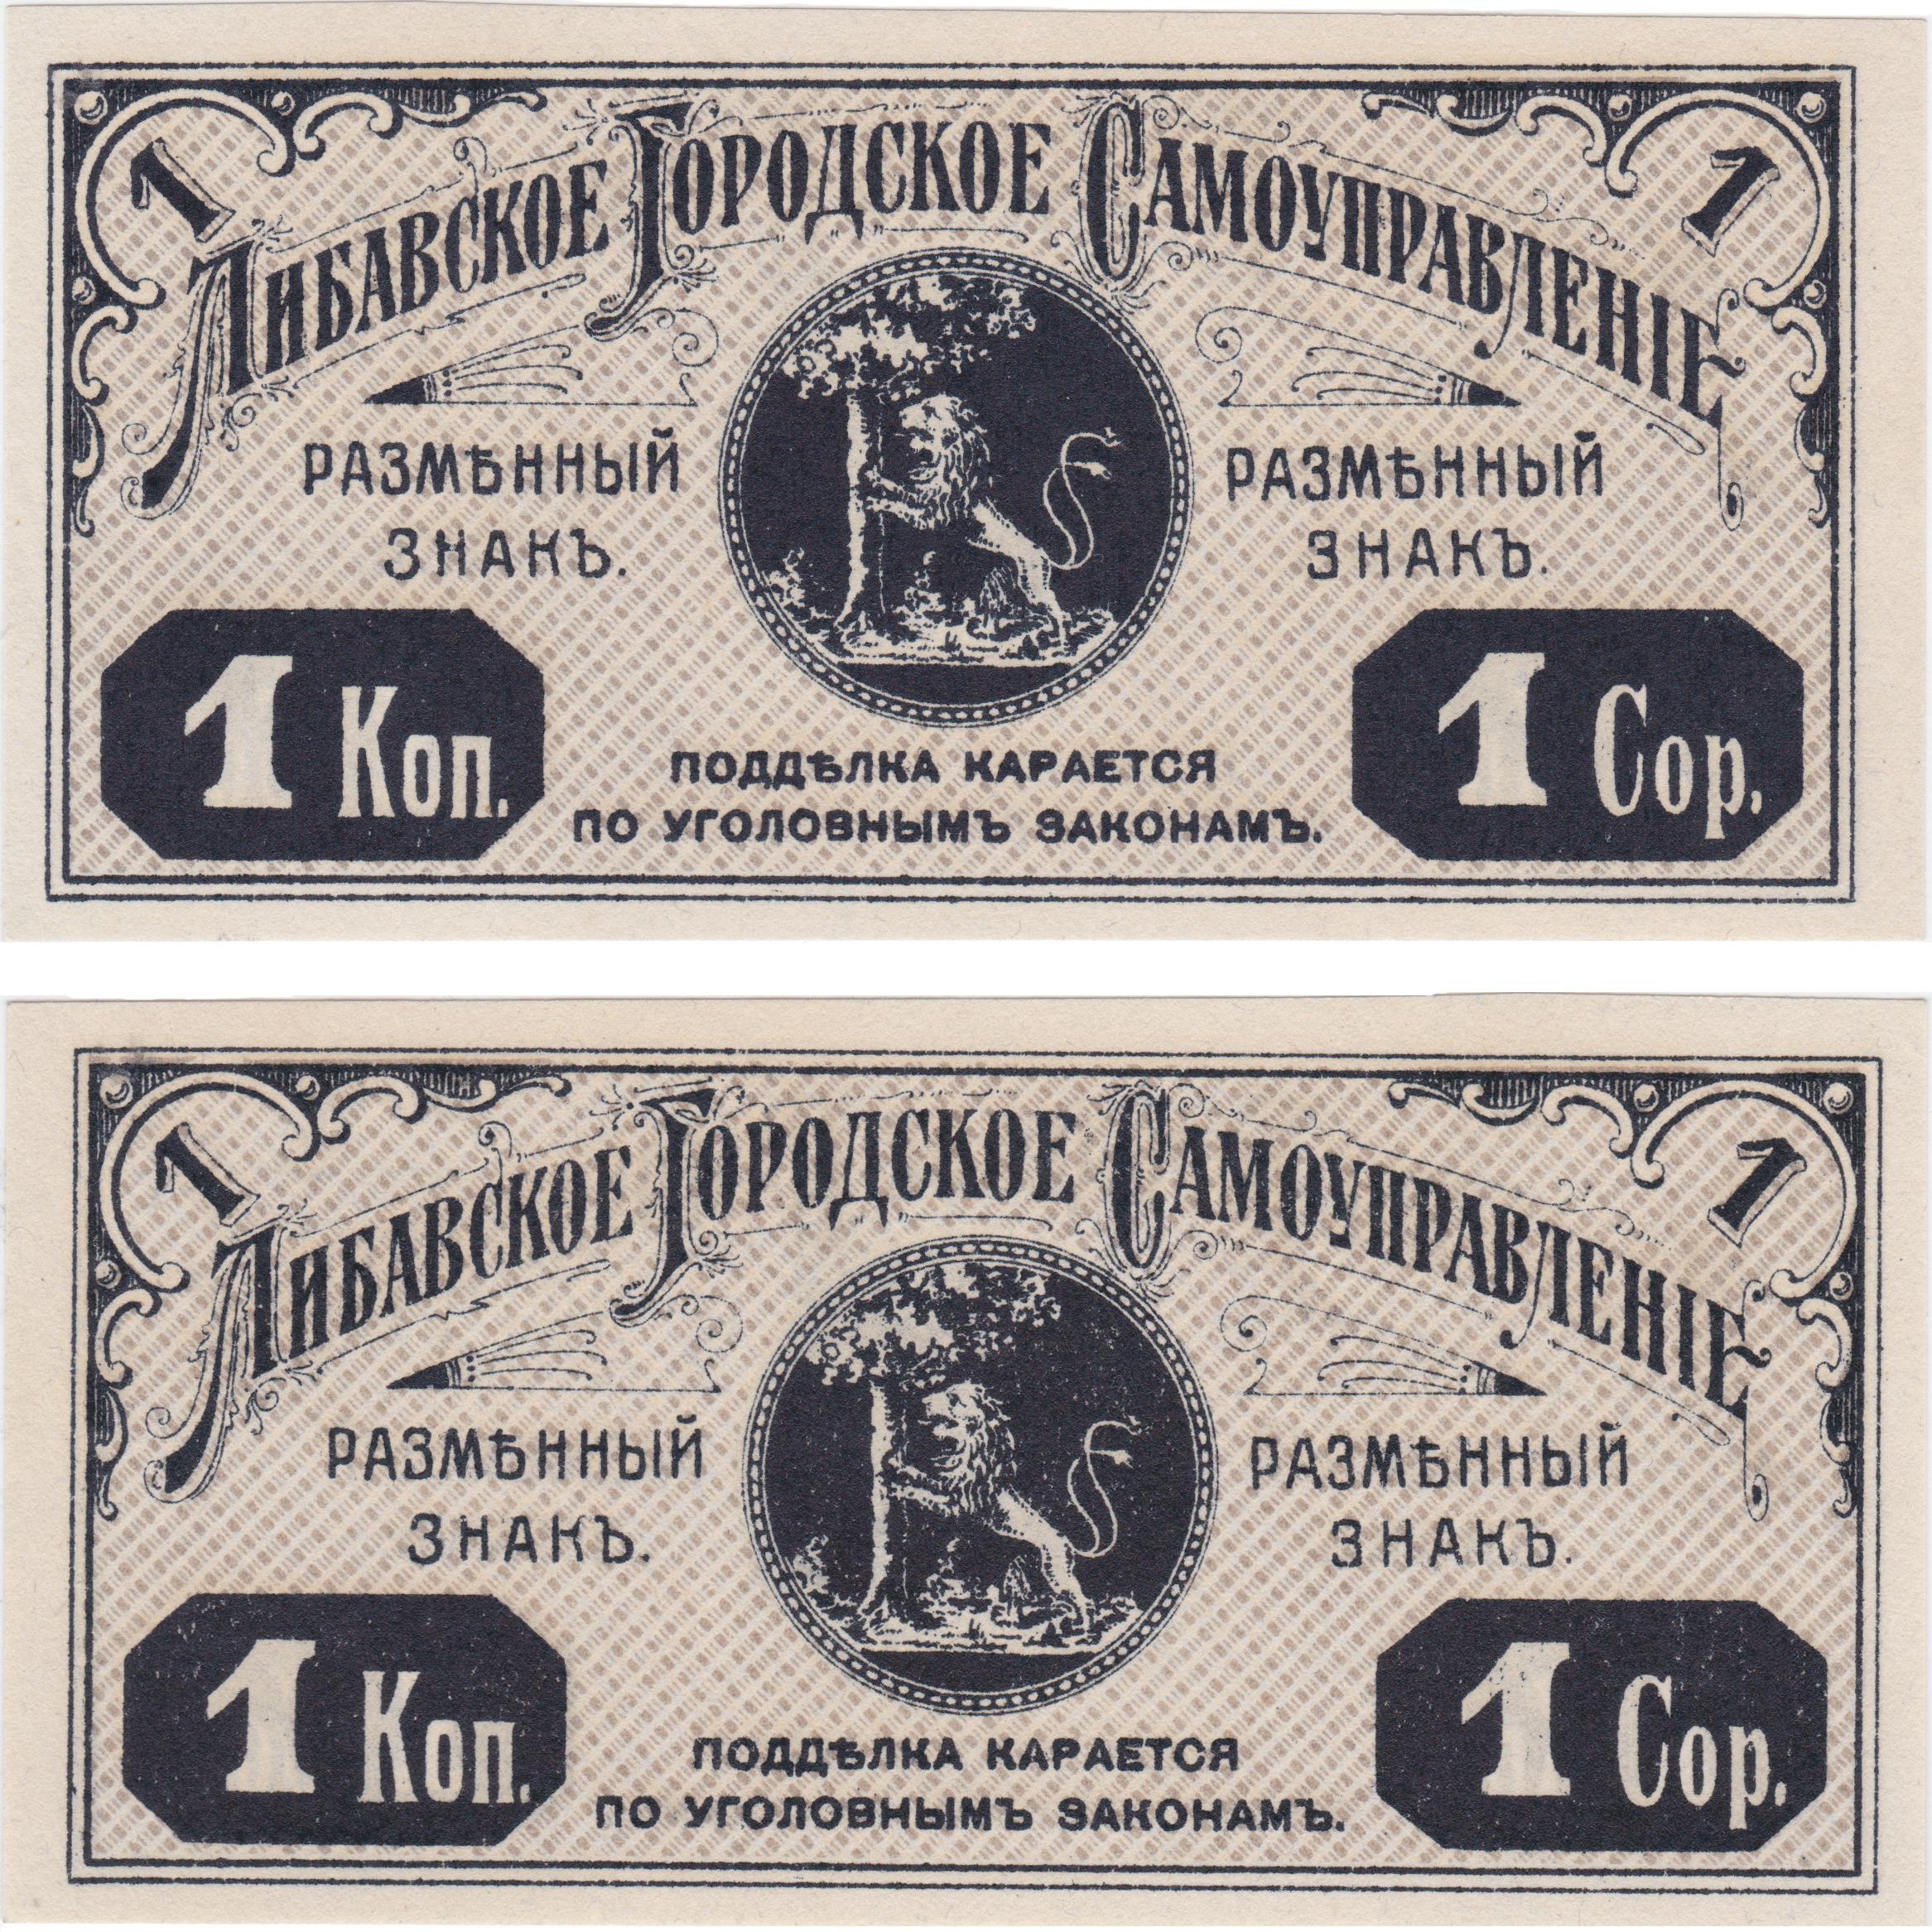 Разменный знак 1 Копейка 1915 год. Либавское городское самоуправление